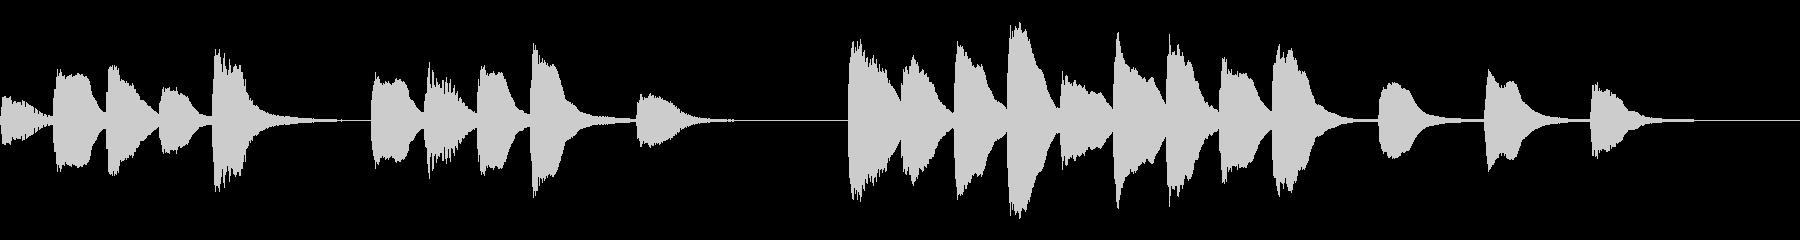 √ パズルゲームを想定したジングルの未再生の波形